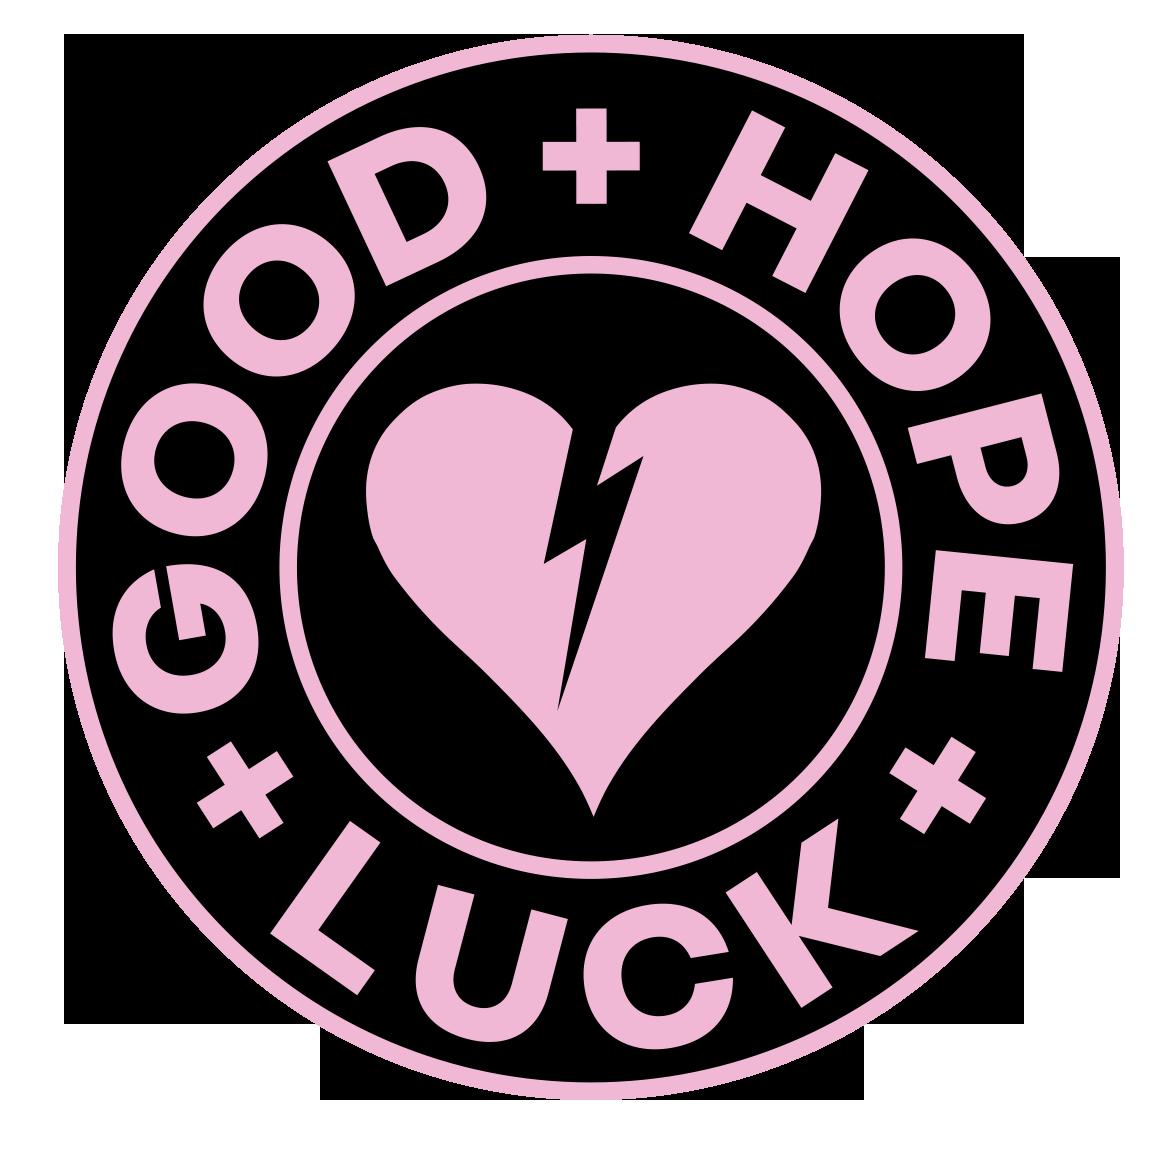 Good Hope & Luck